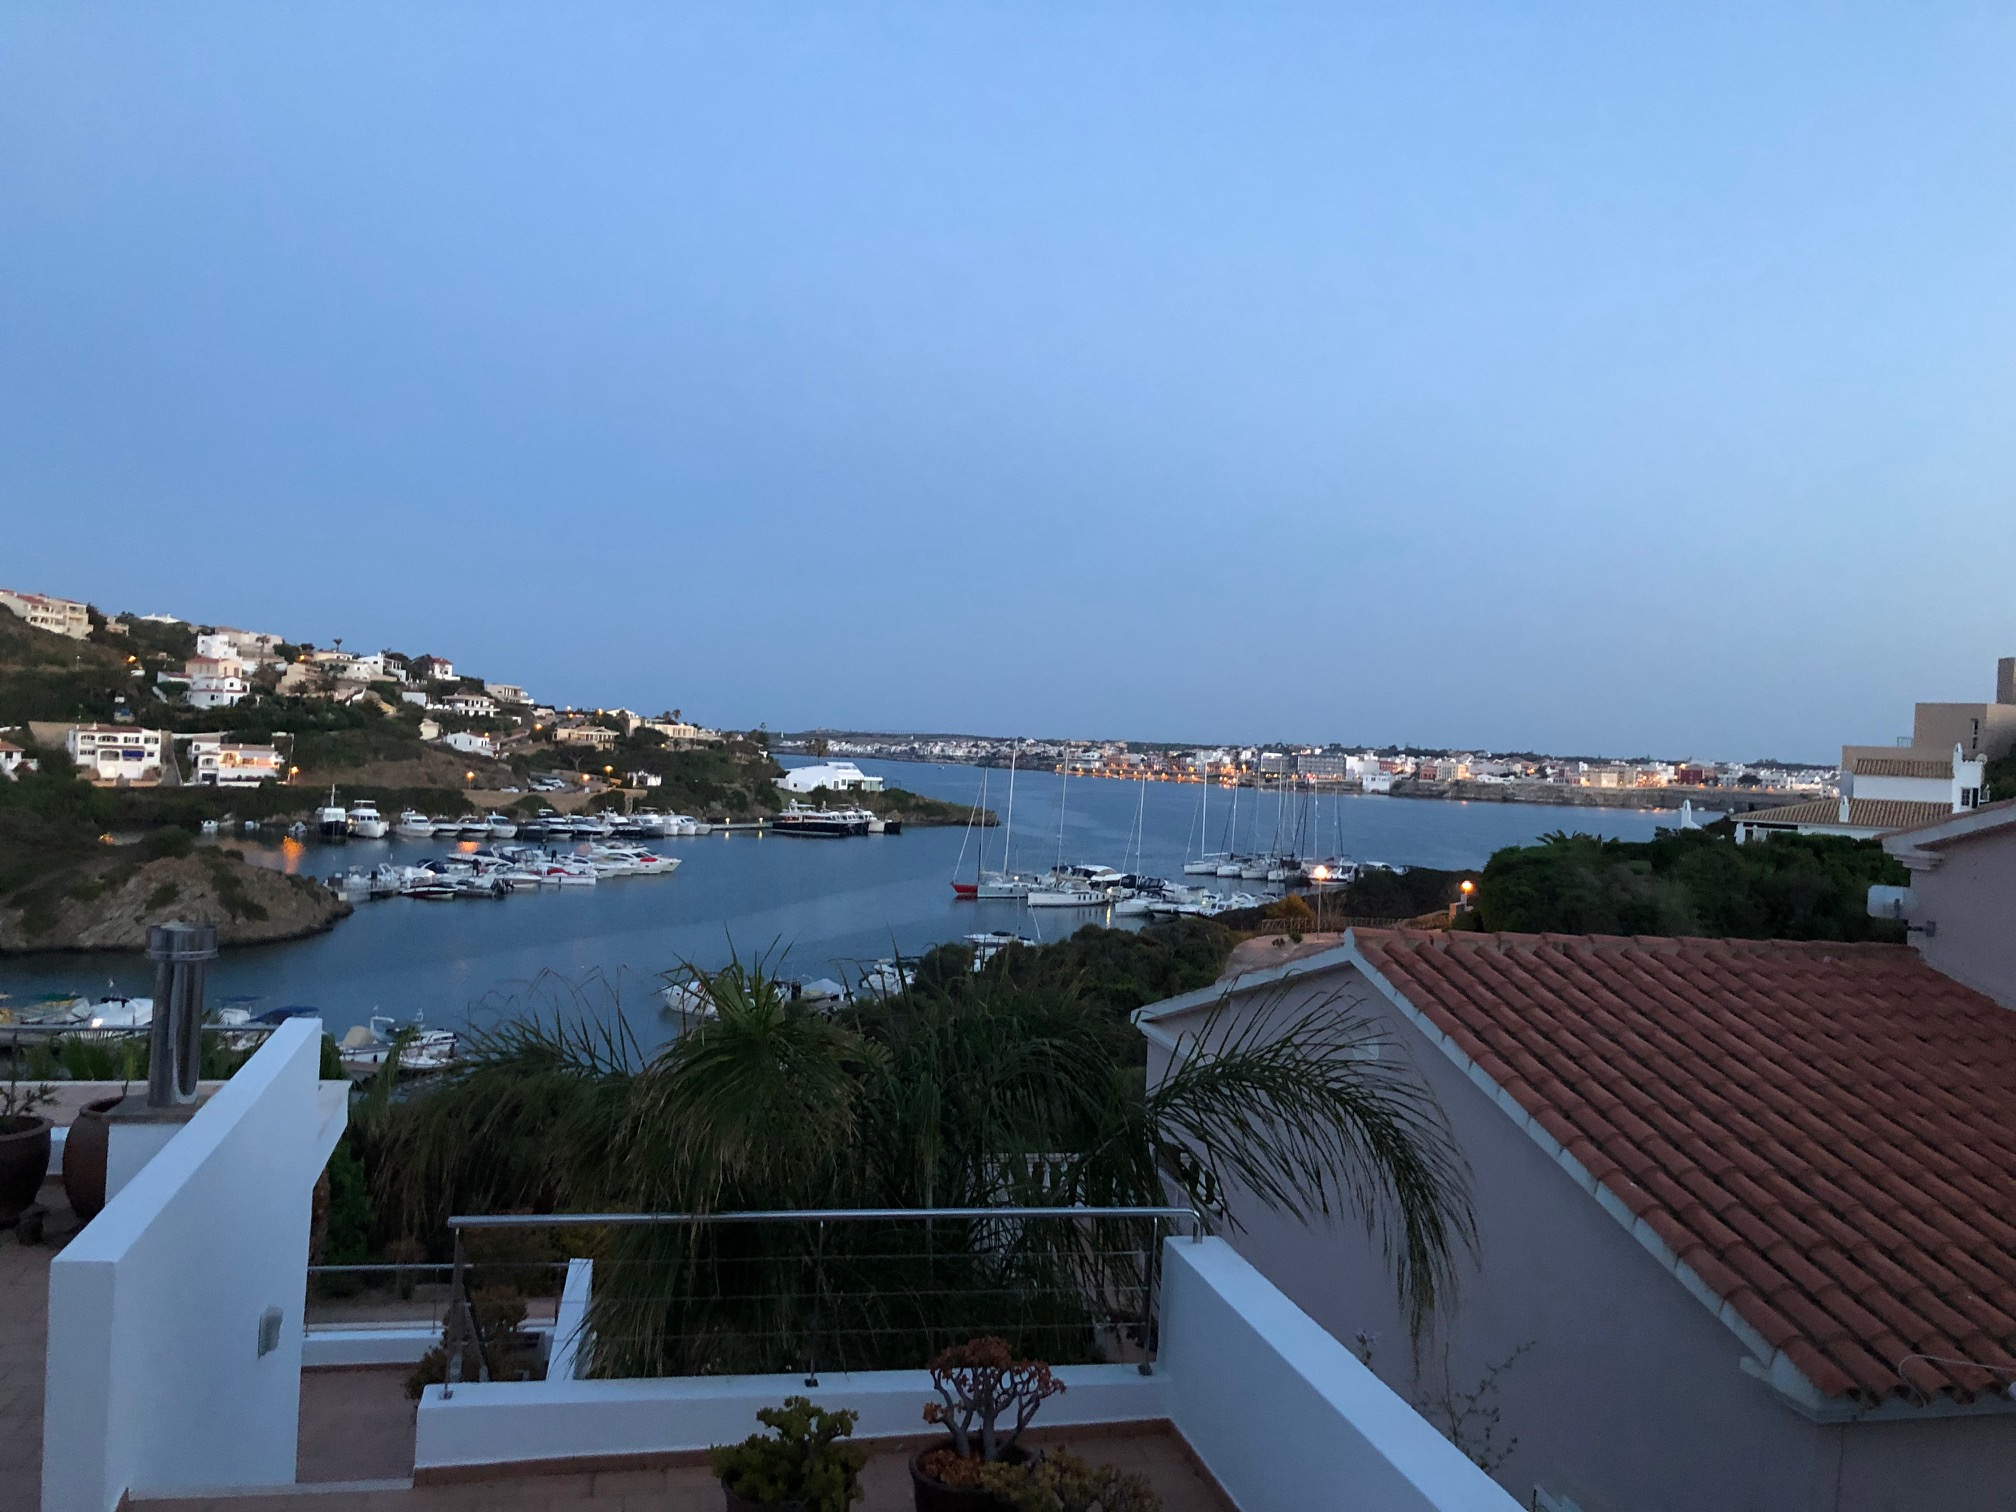 Blick von Villa Pixiie in Cala Llonga über den Hafen von Mahon. Foto: Helmut Hetzel